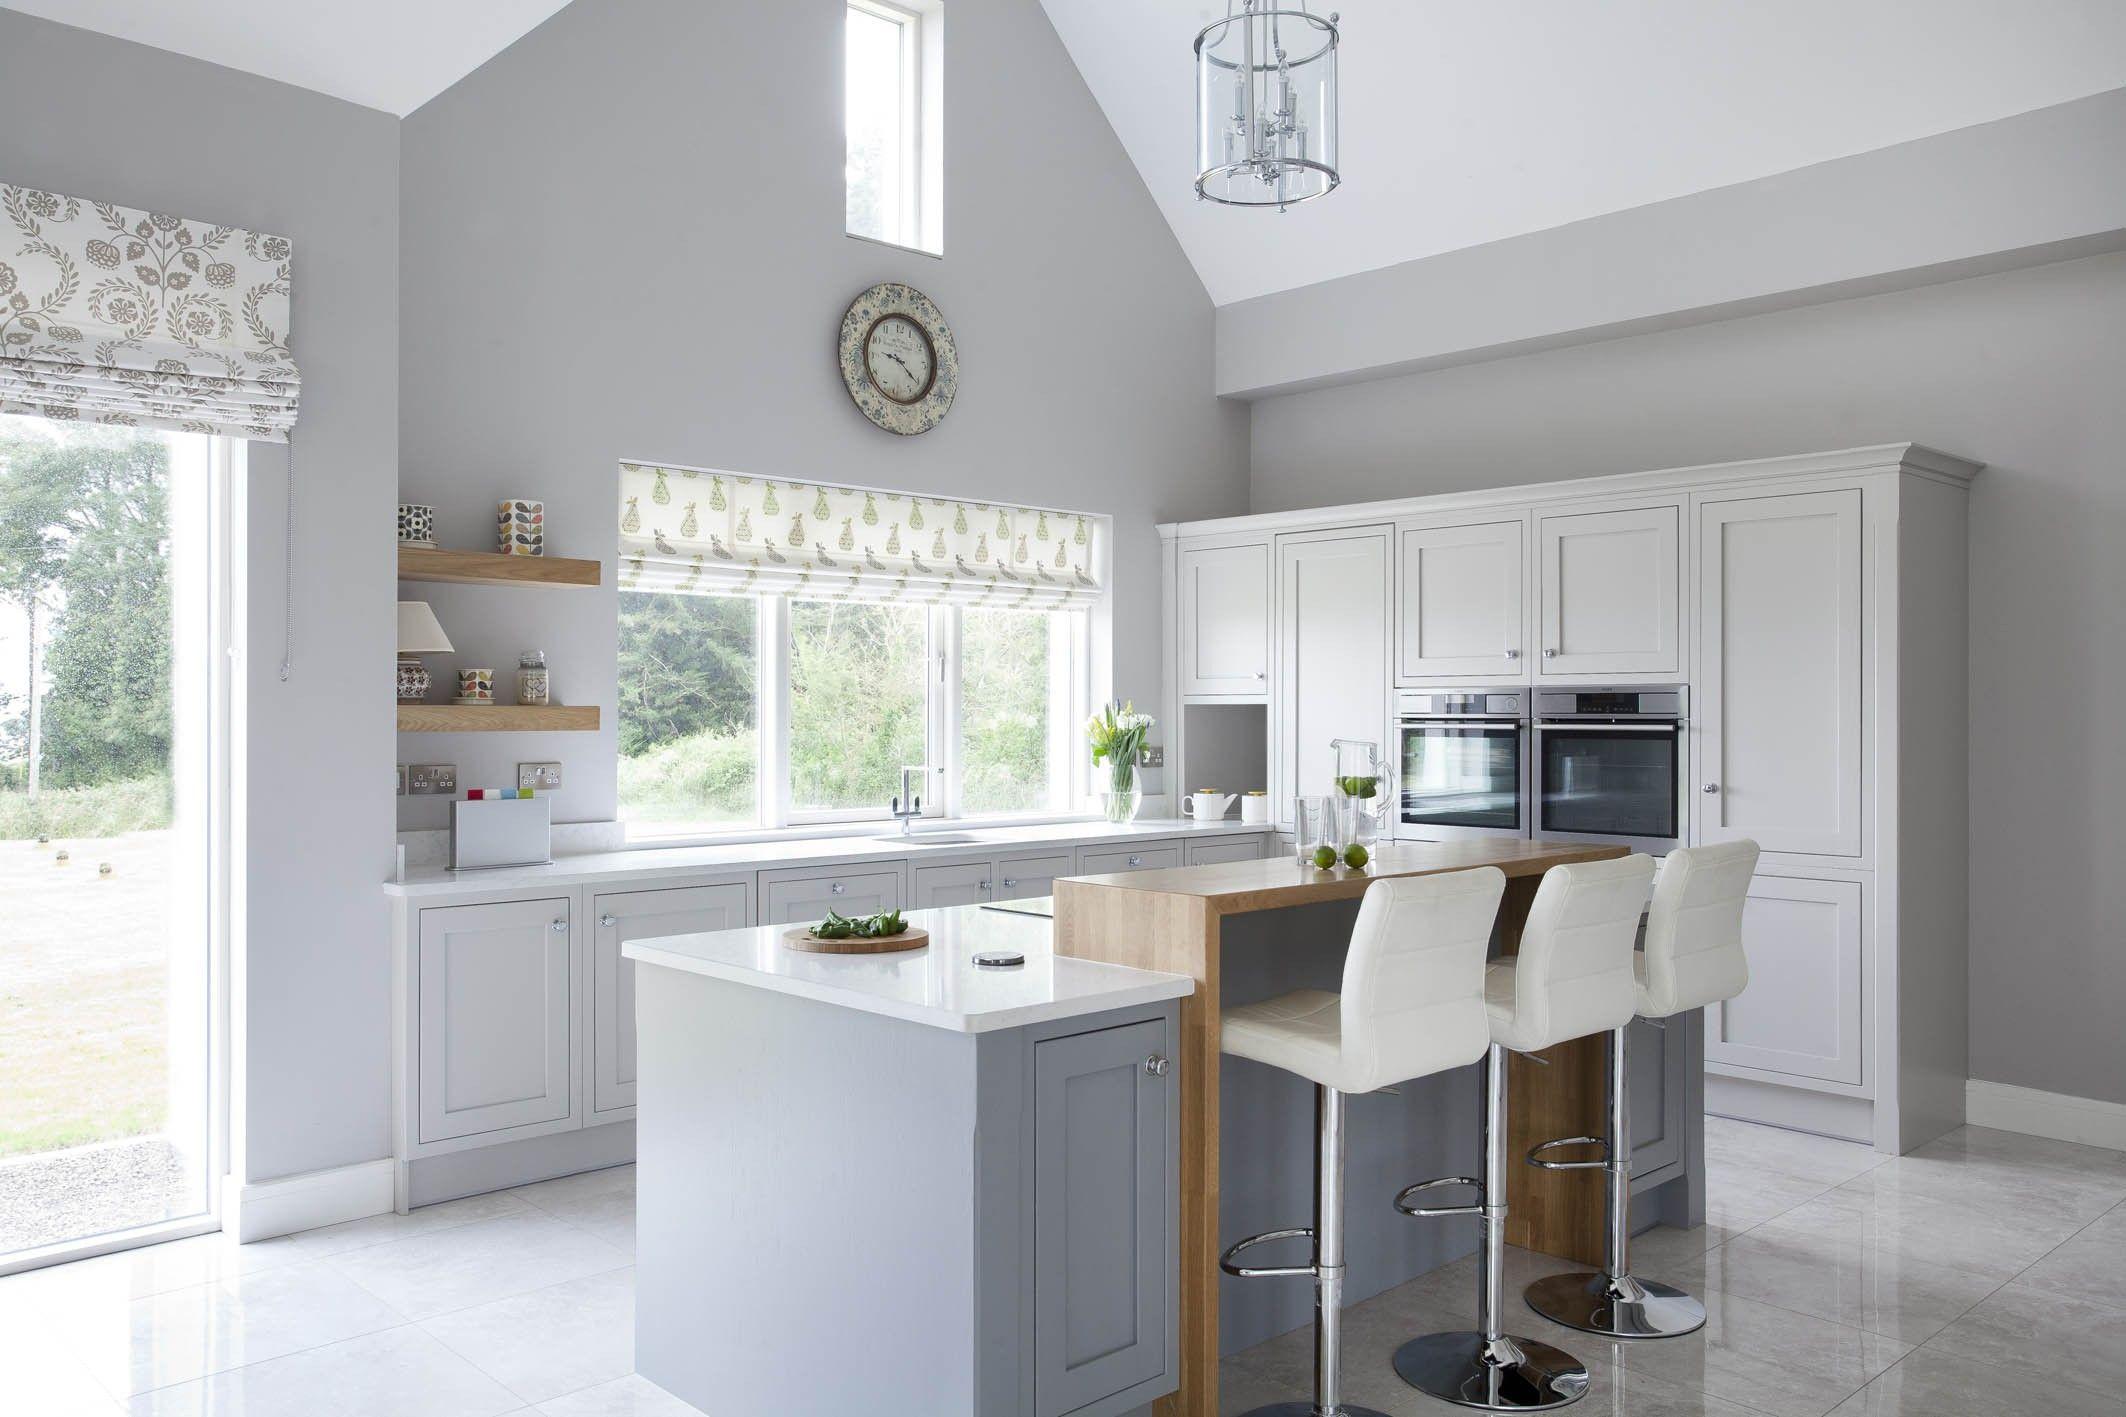 Wunderbare Graue Und Weiße Küche Mit Grauer Boden, Weiße Küche